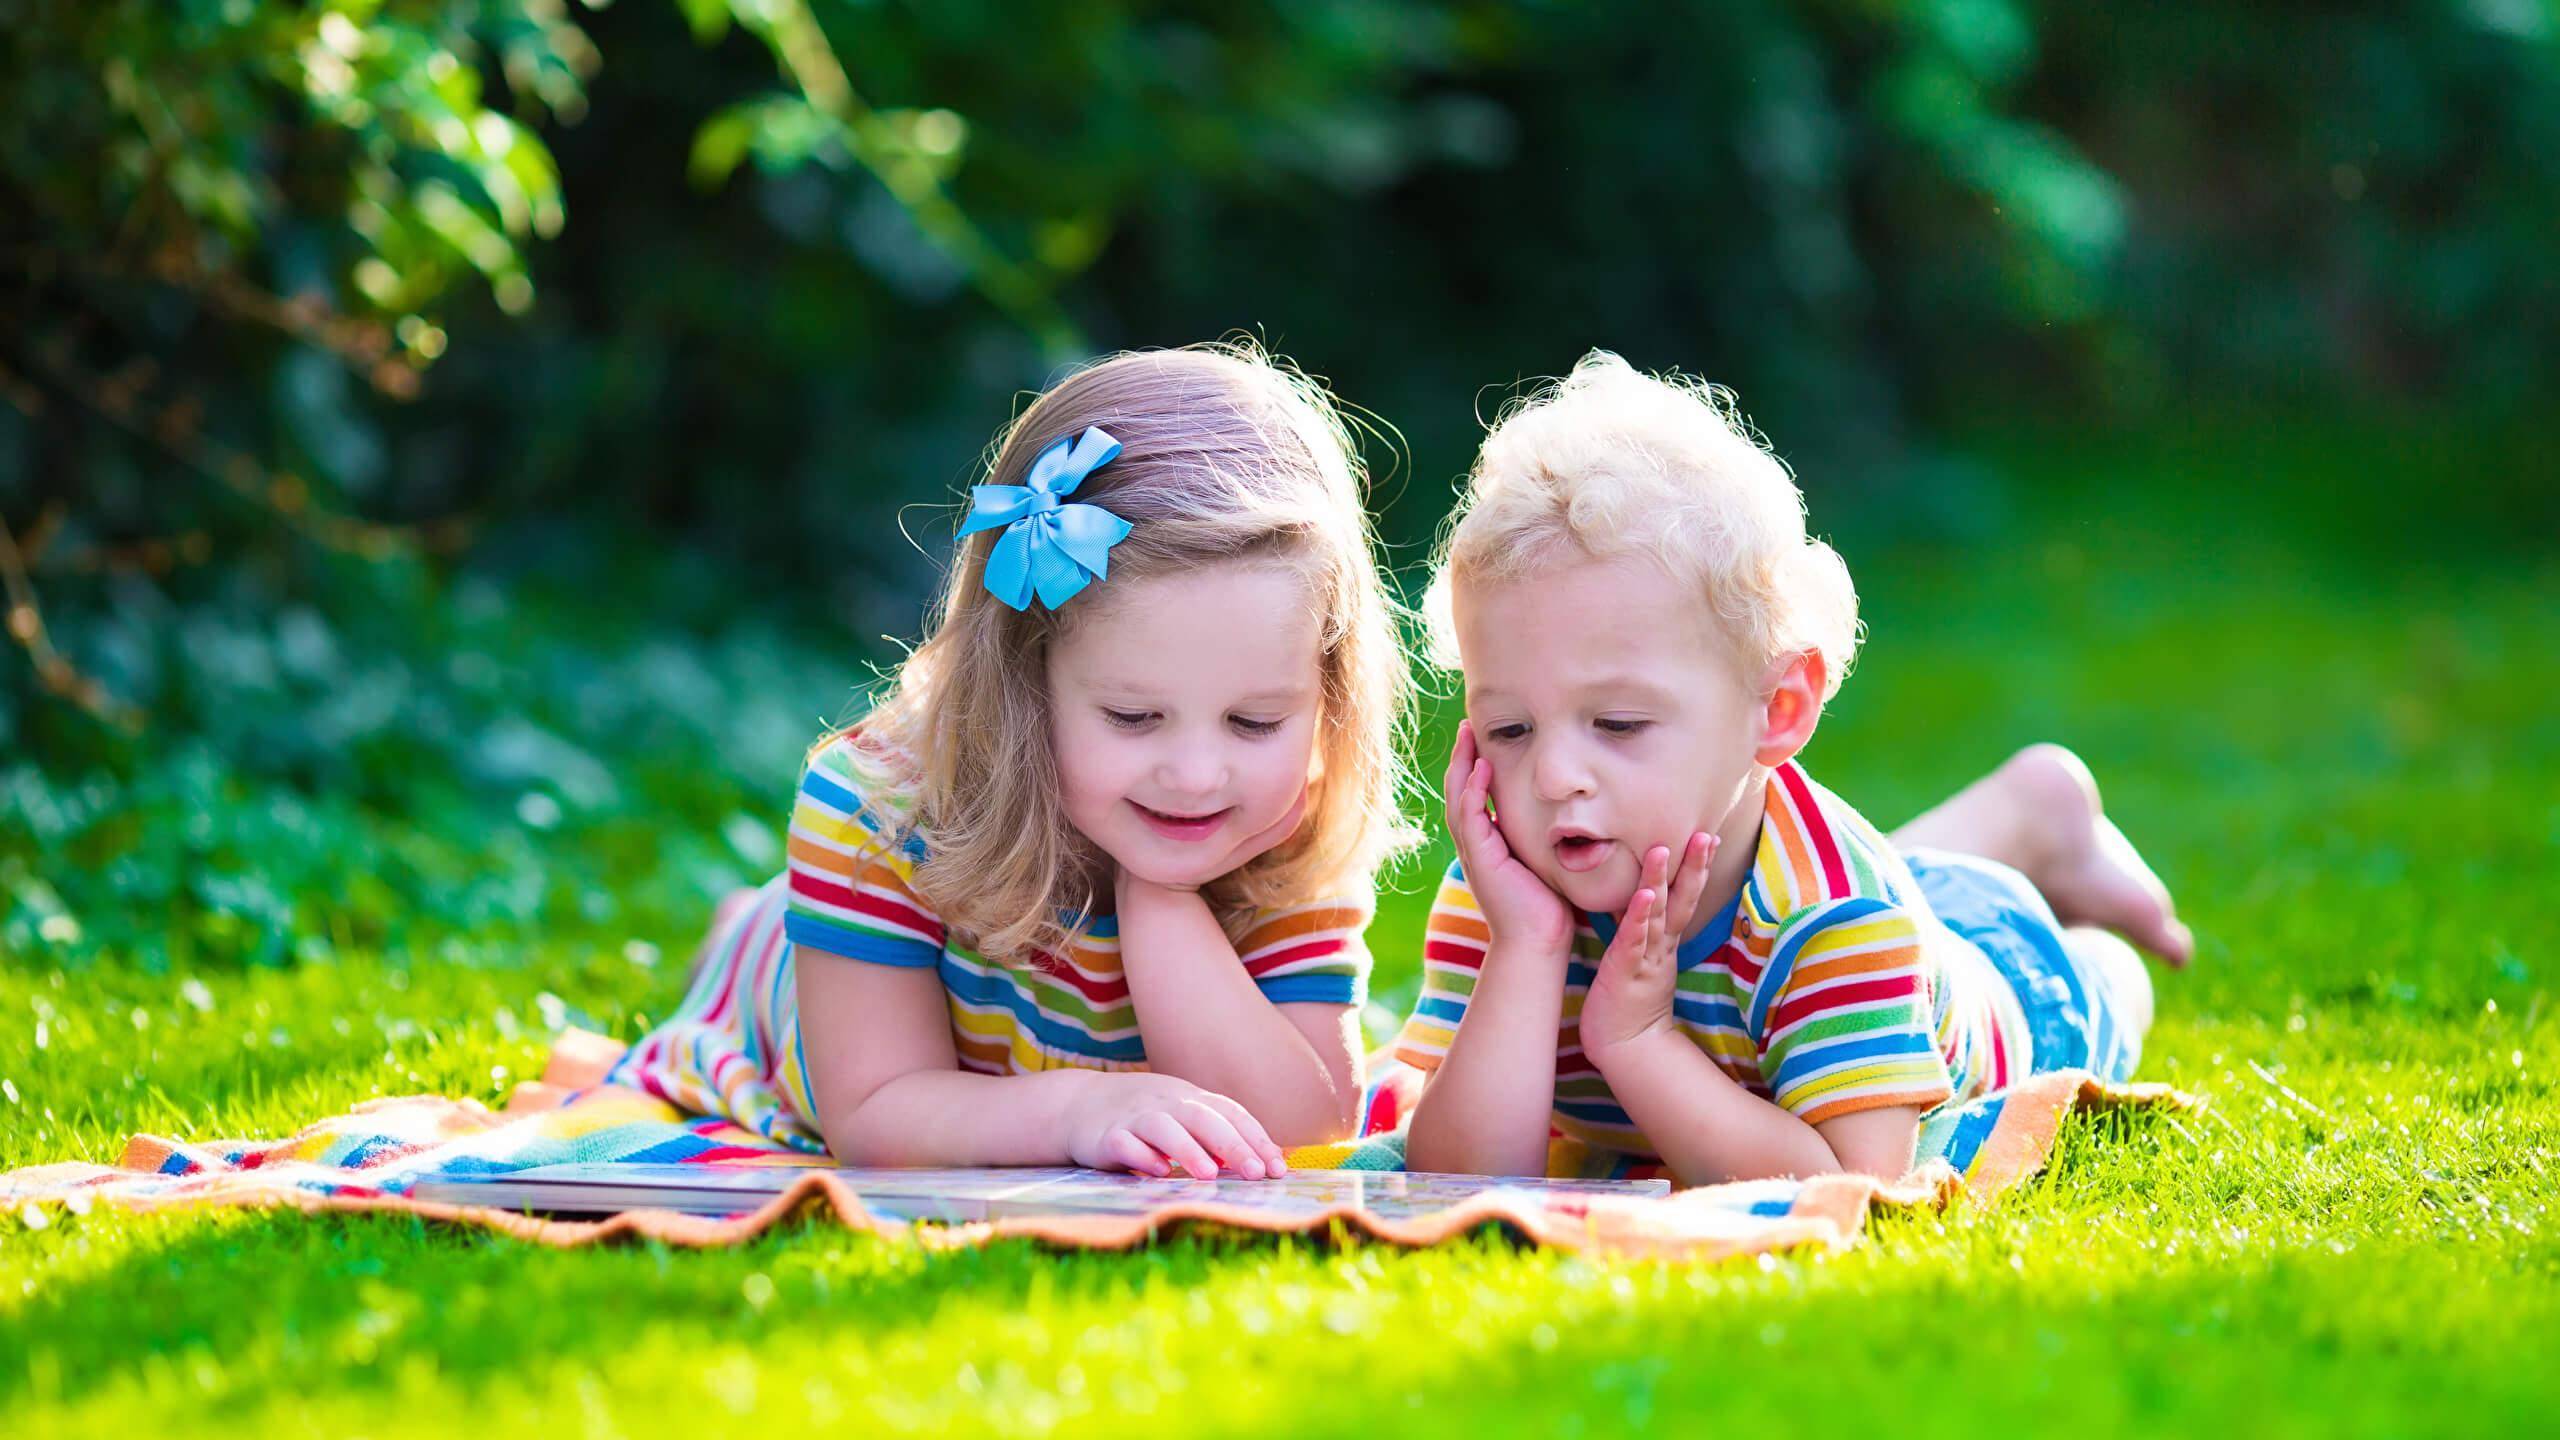 красивые фото с детьми на траве крепость первом